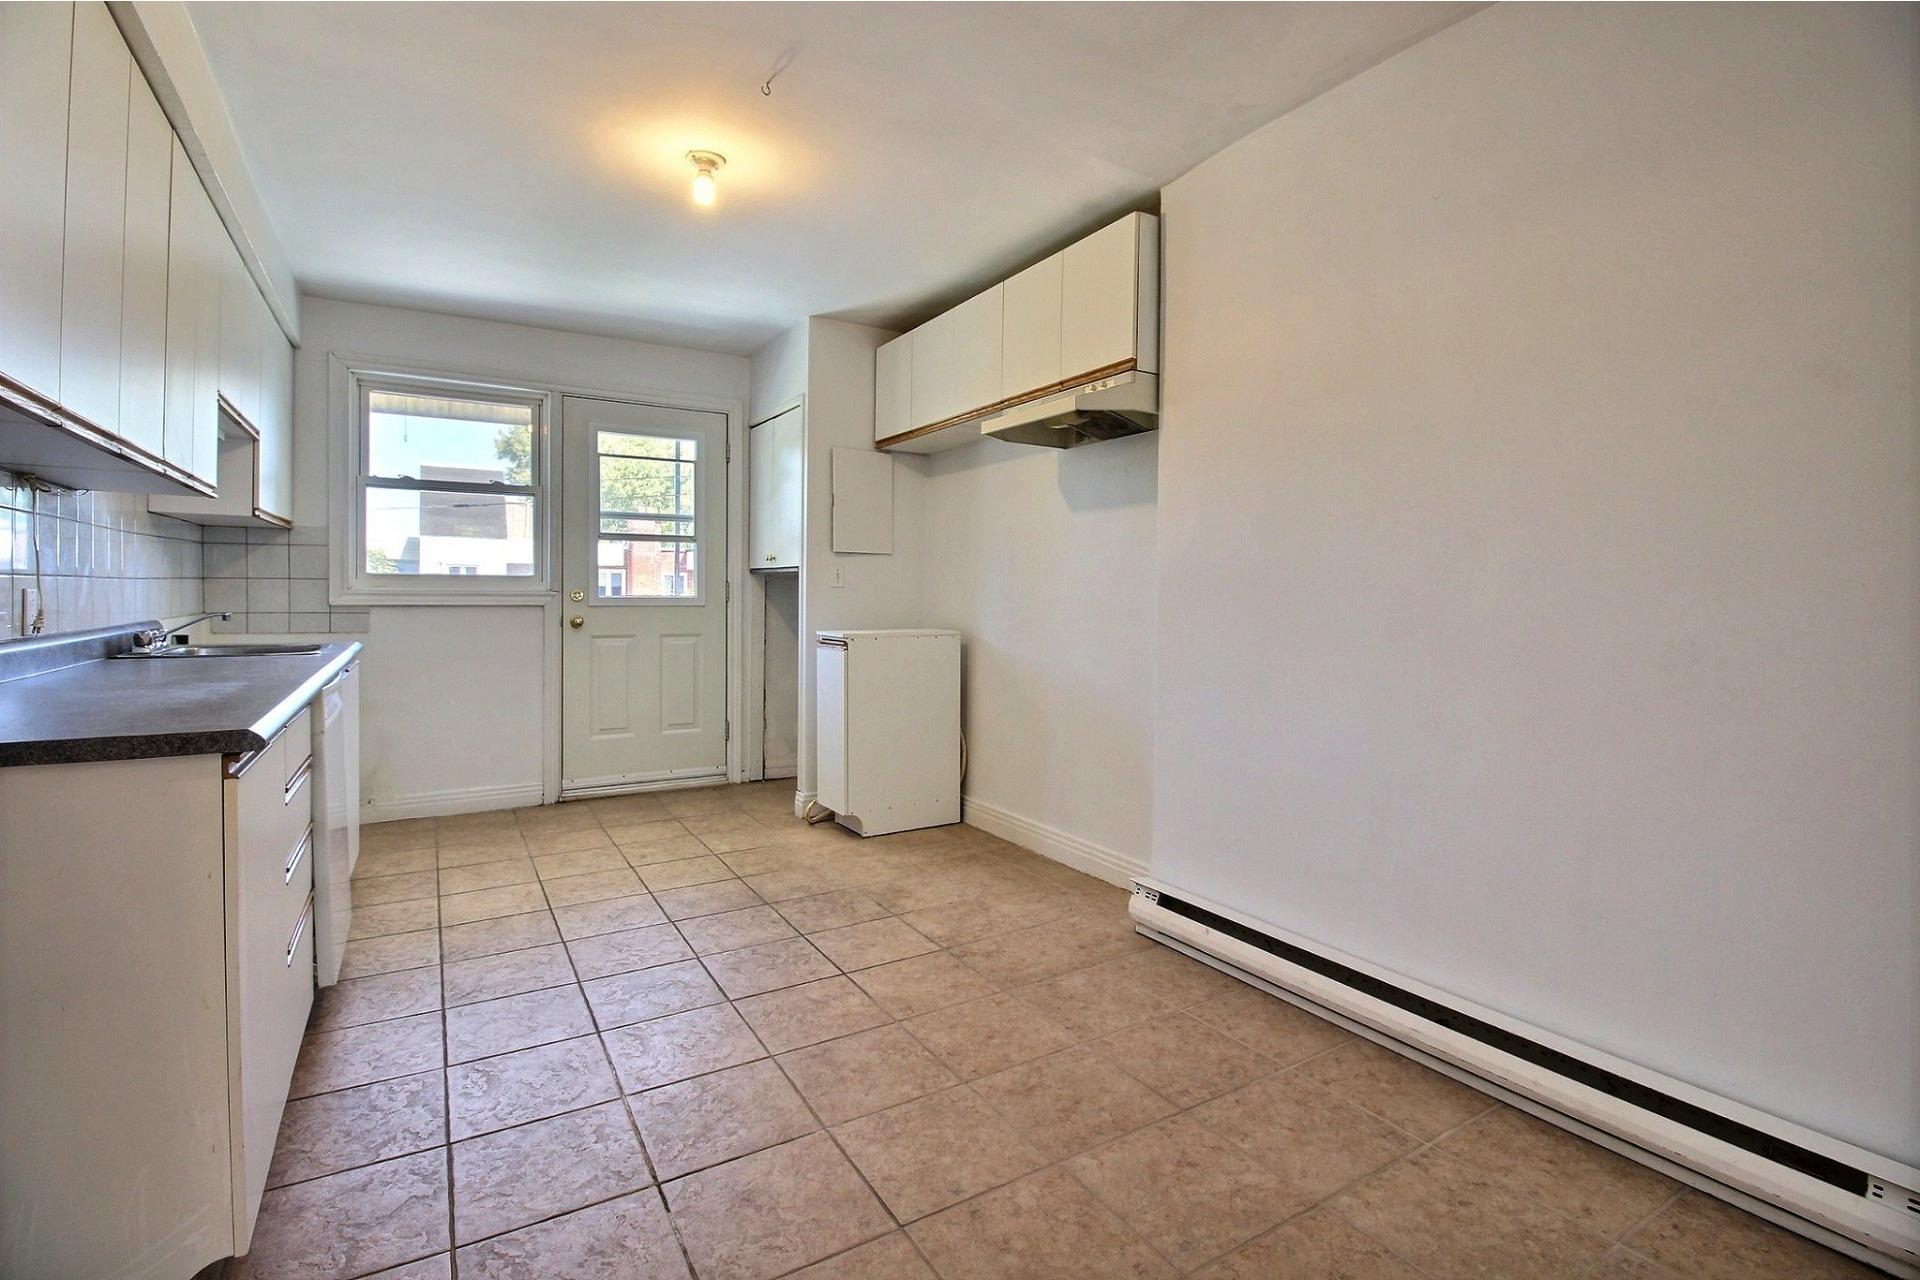 image 3 - Apartment For rent Rosemont/La Petite-Patrie Montréal  - 5 rooms